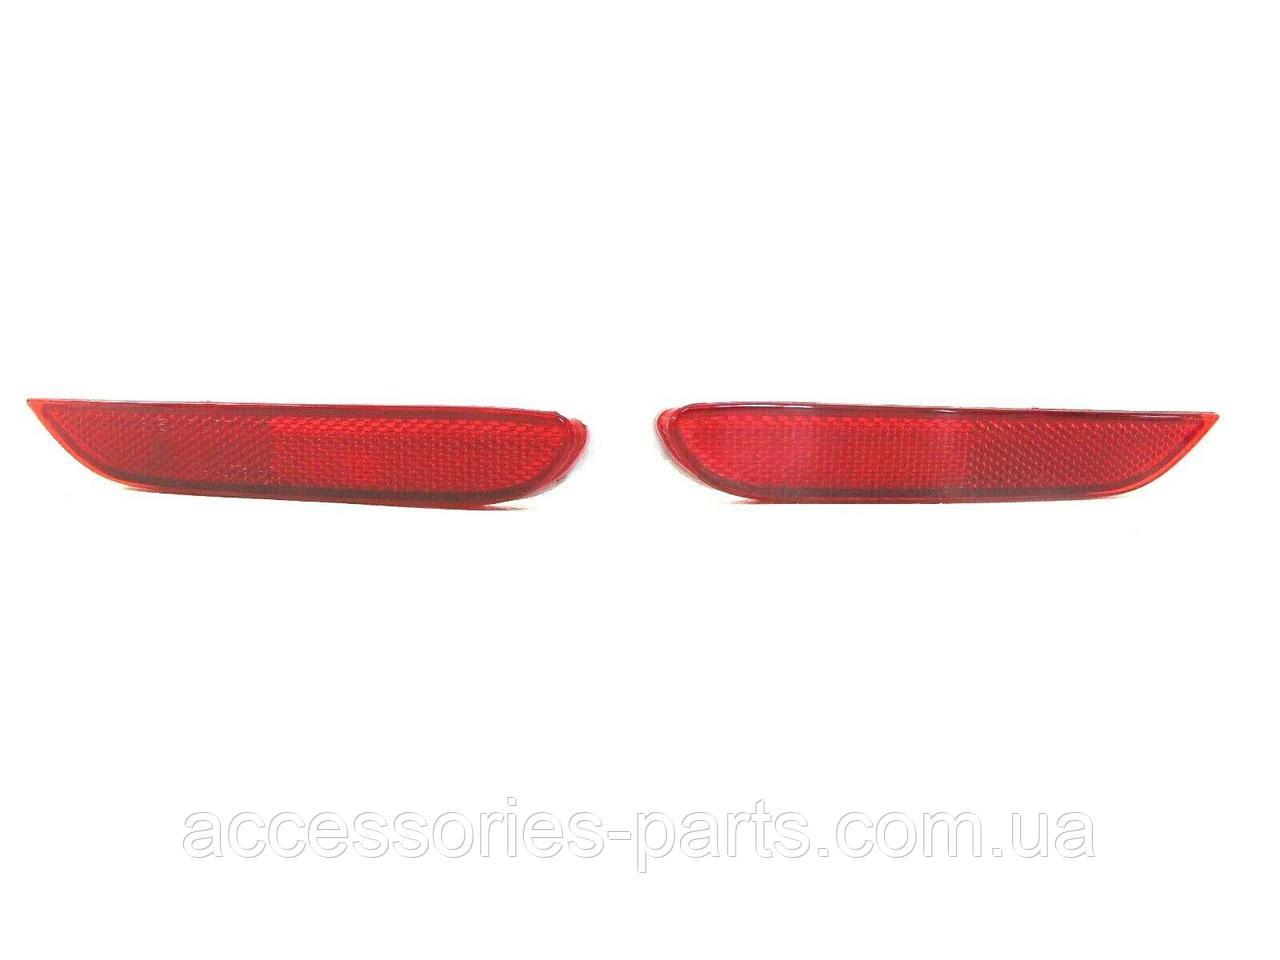 Отражатель заднего бампера Левый Правый  Nissan/ Infiniti Новый Оригинальный